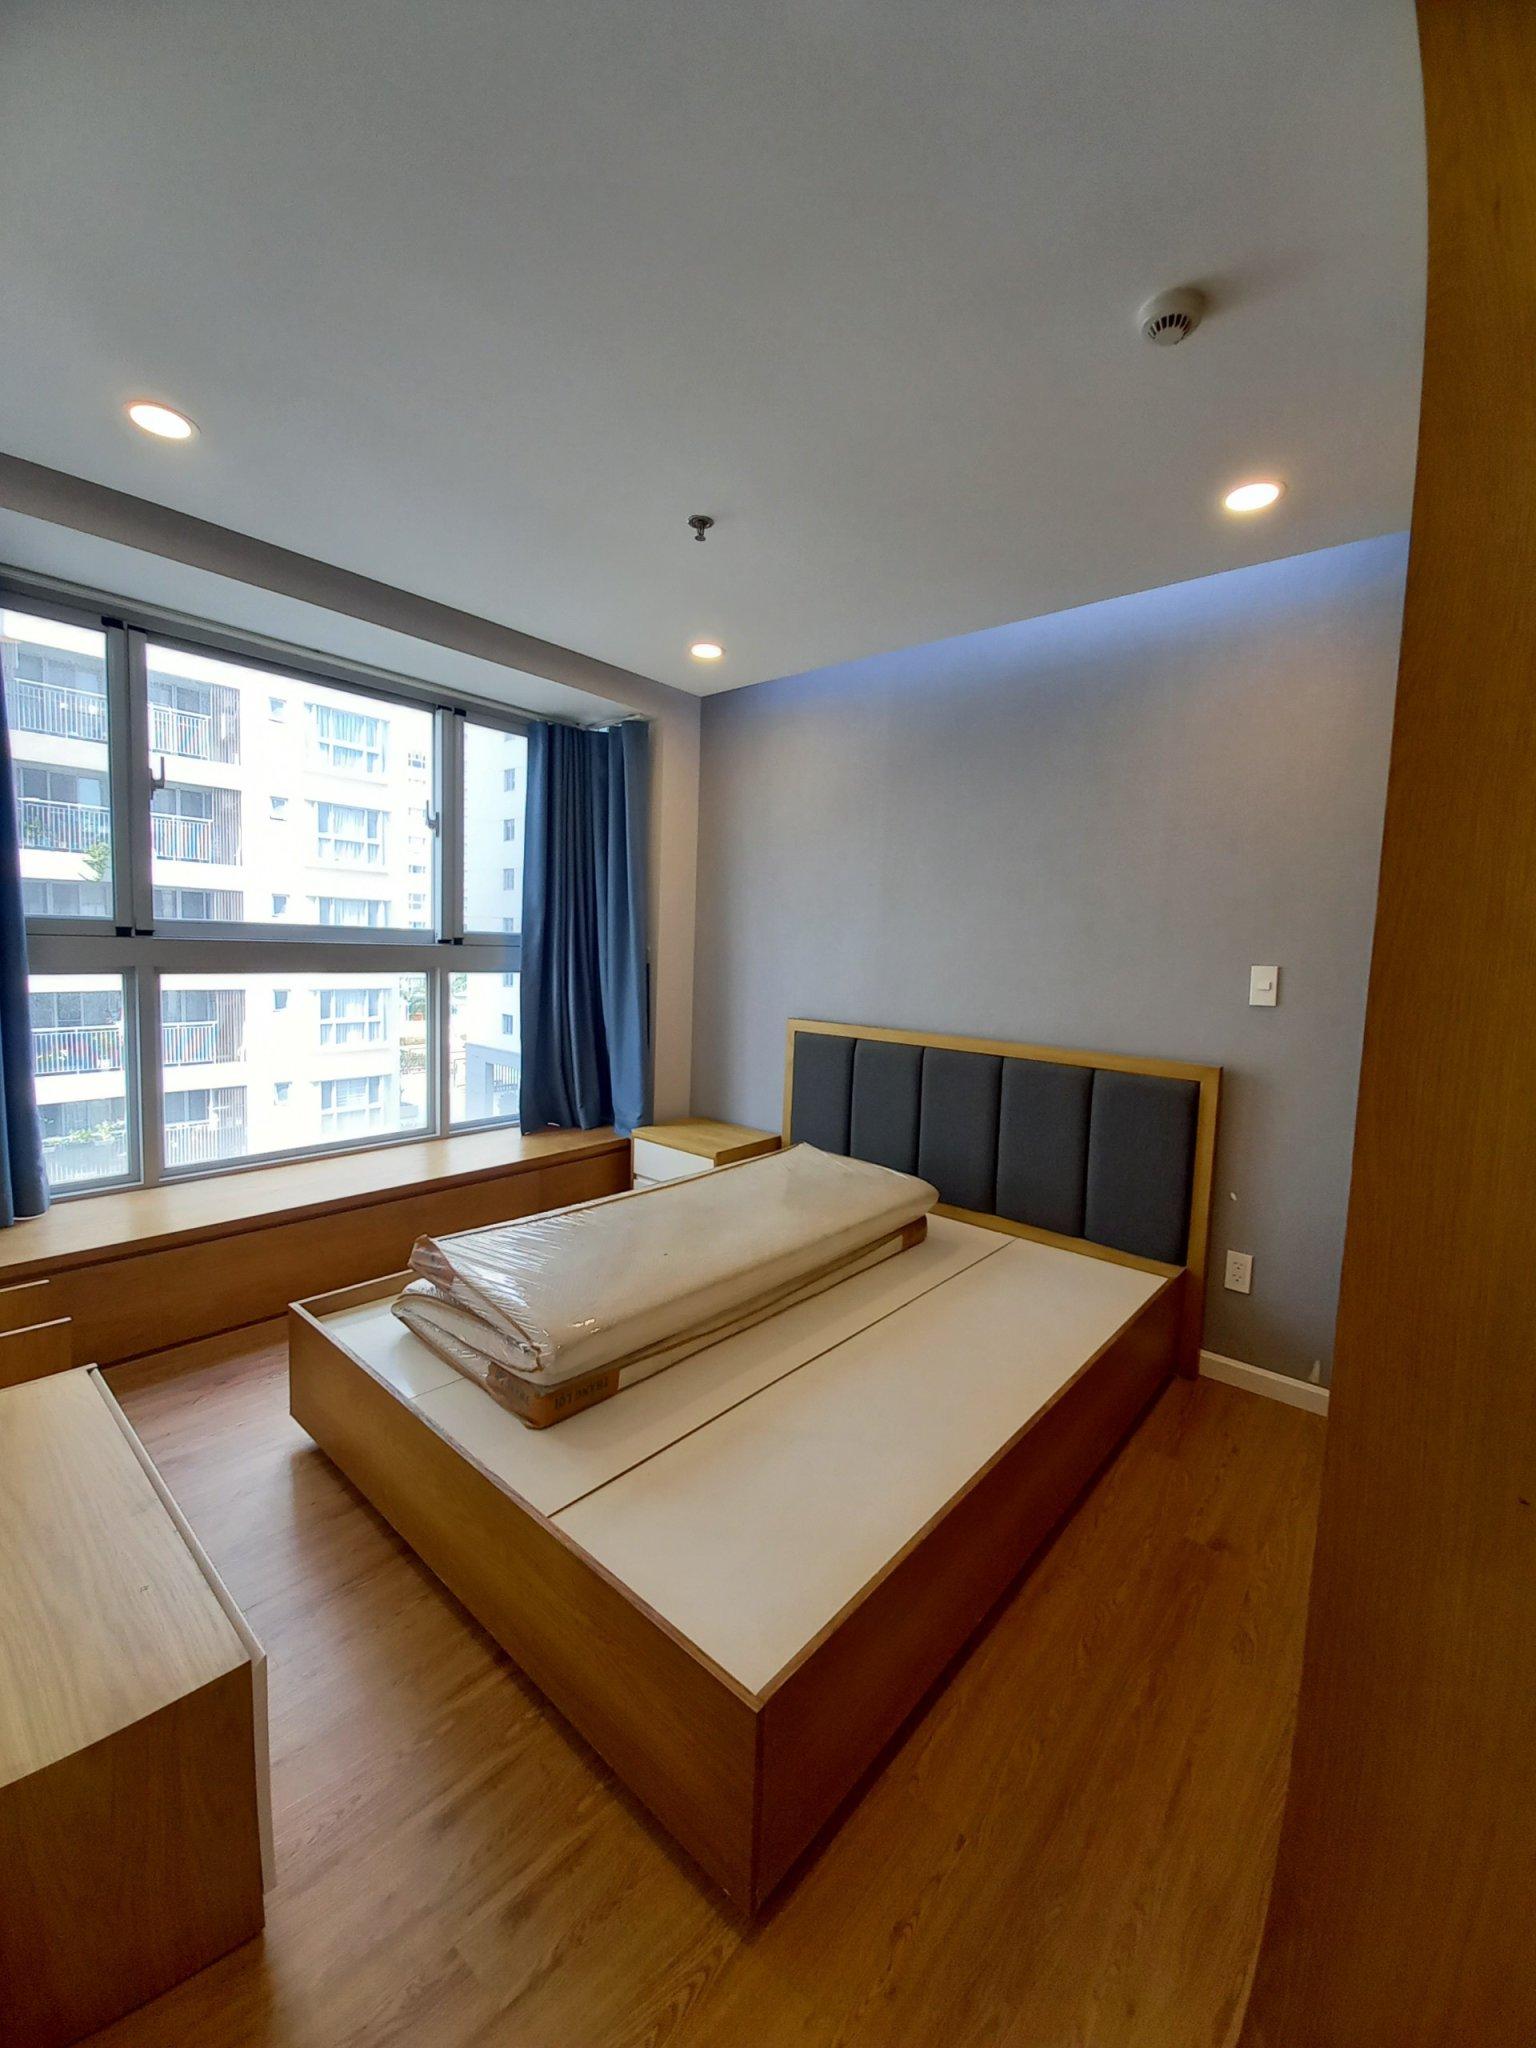 căn hộ sàn gỗ cho thuê